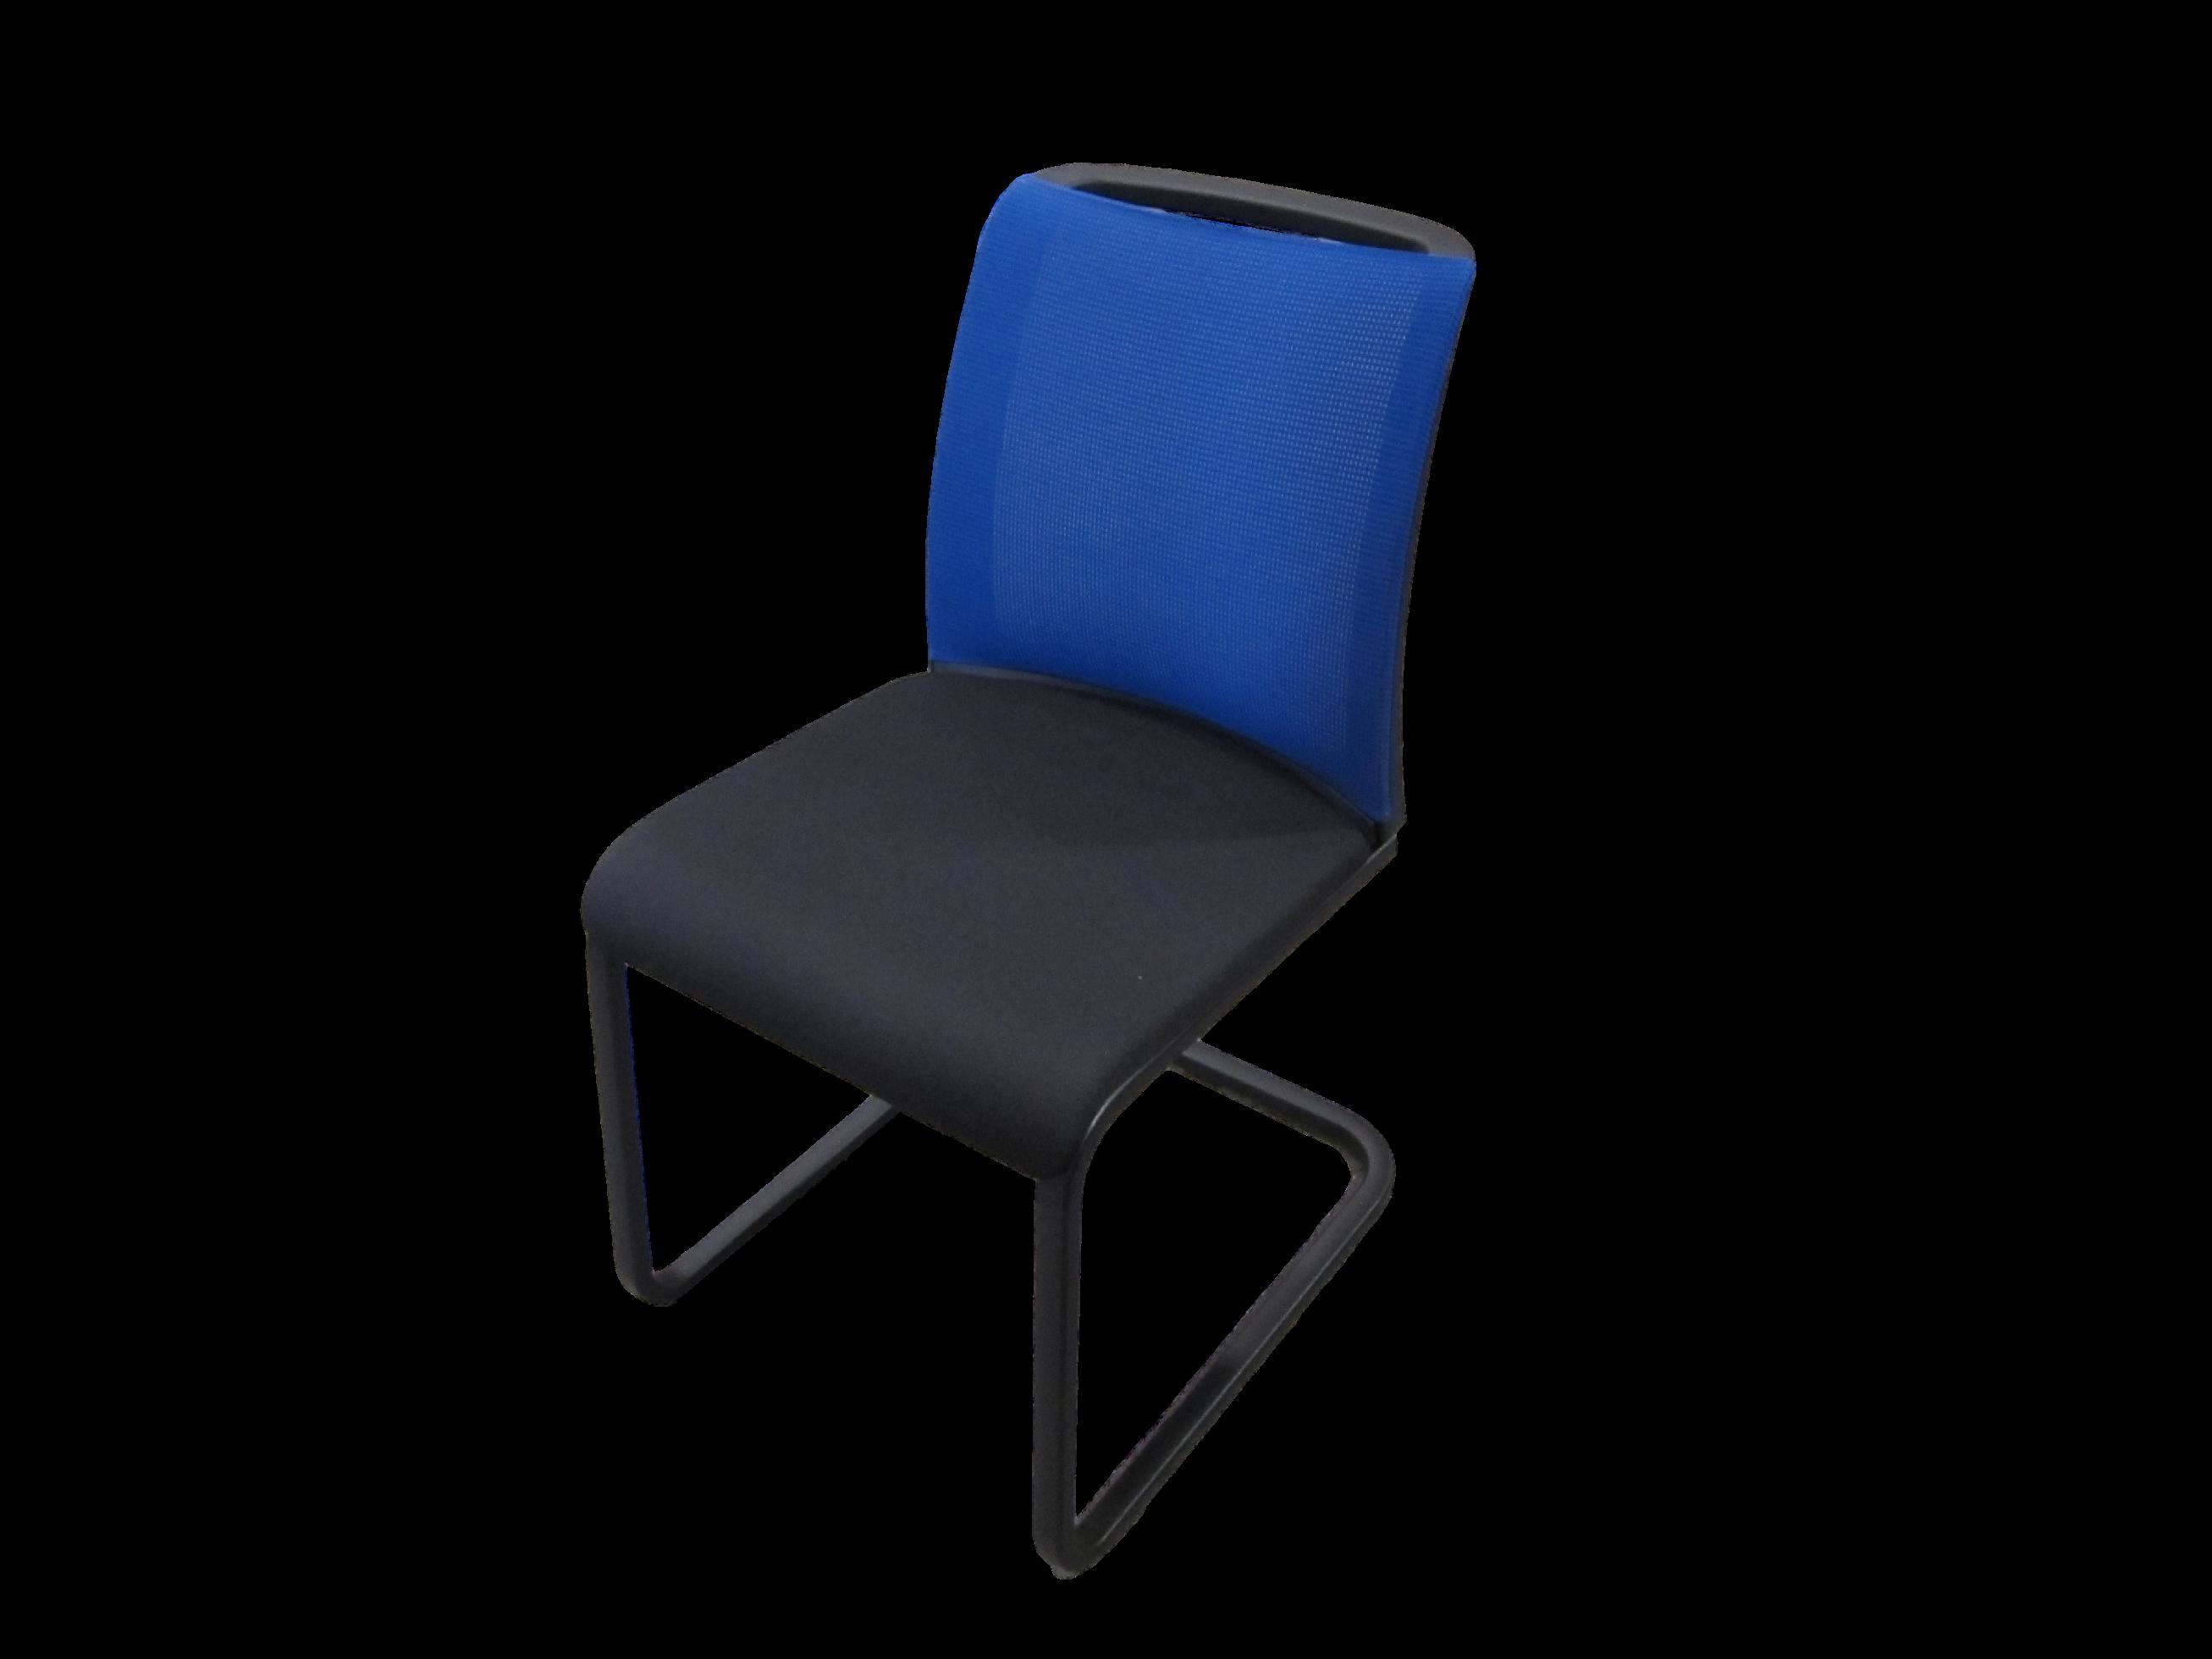 Chaise visiteur steelcase reply anciens mod les d 39 exposition for Chaise visiteur